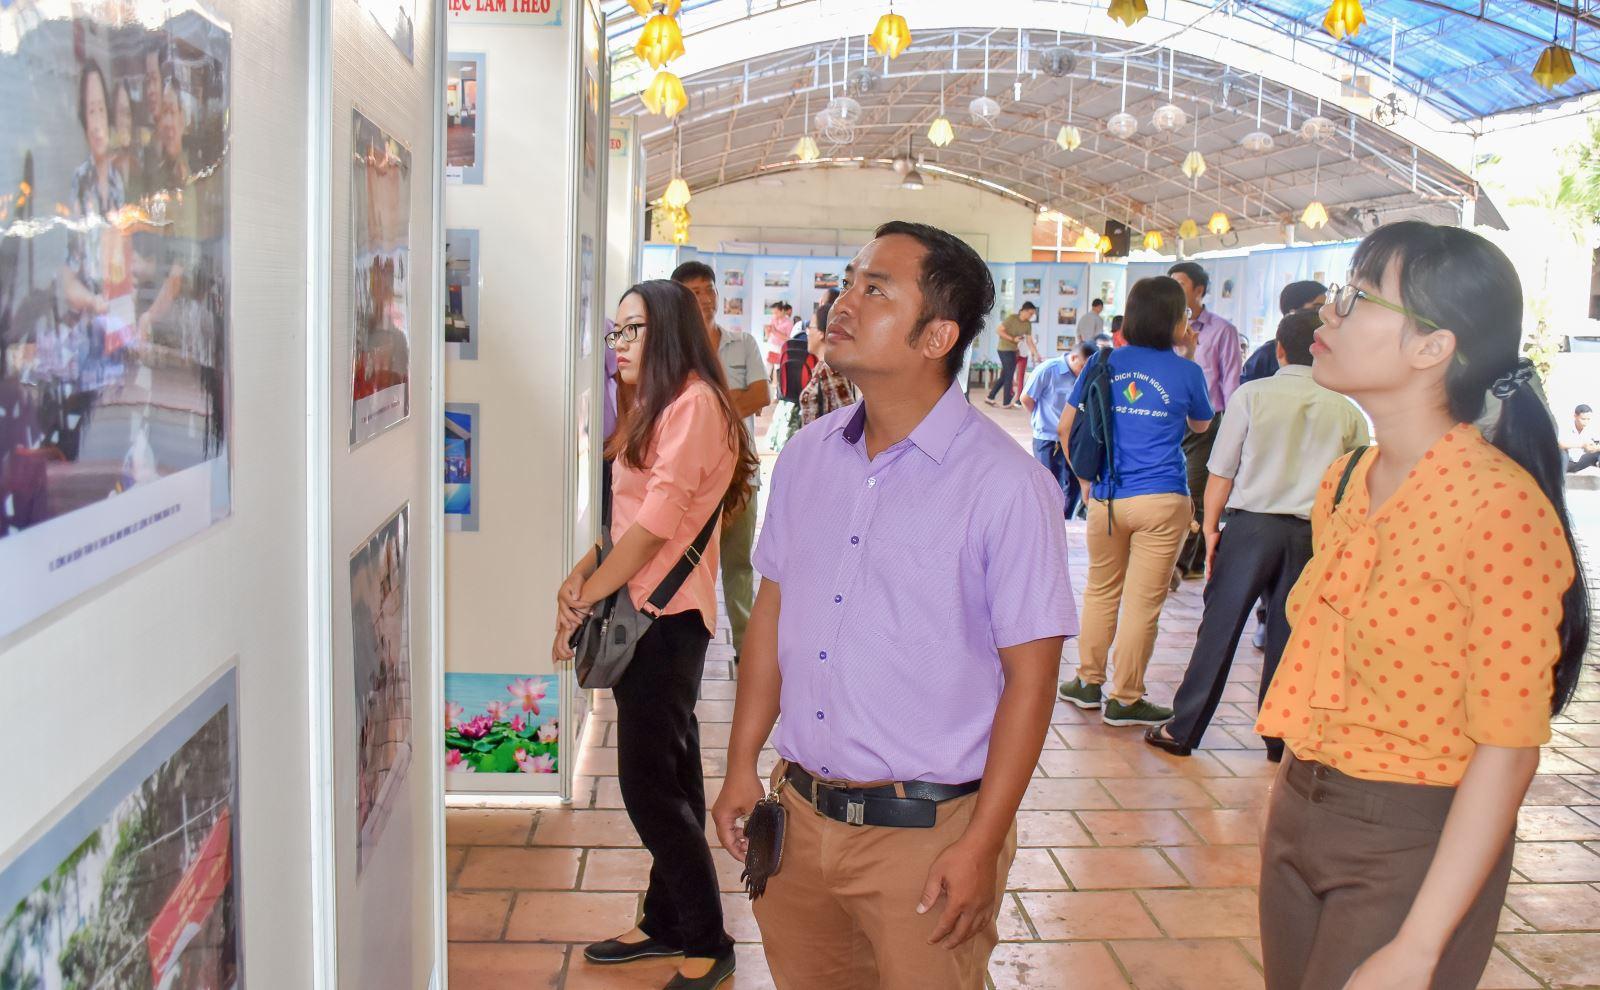 Quận Tân Bình triển lãm 250 ảnh màu, đen trắng  chào mừng các ngày lễ lớn.